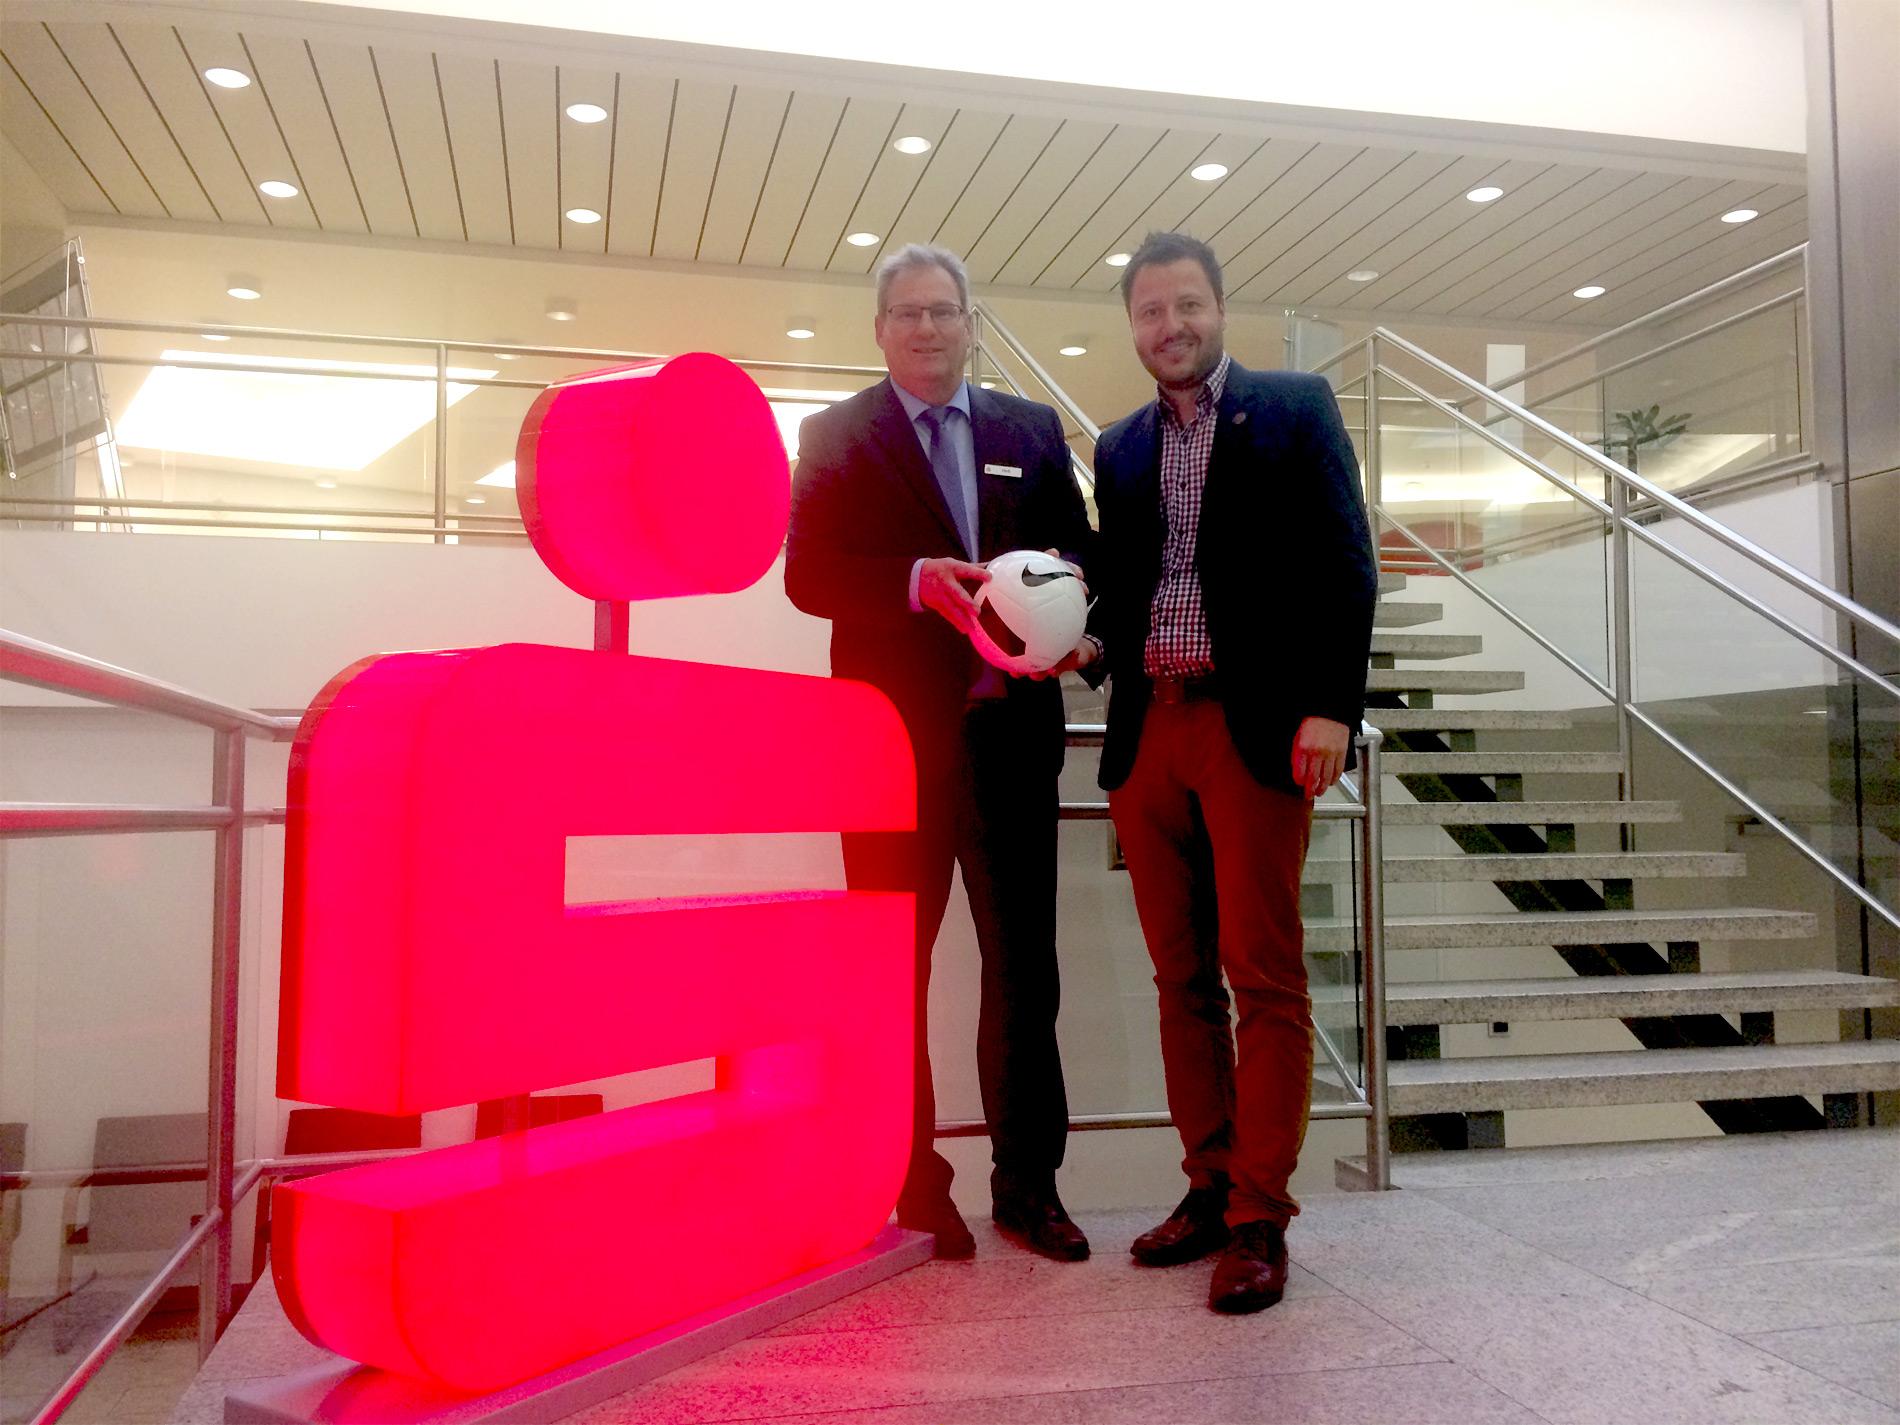 Jürgen Heß von der Kasseler Sparkasse und Michael Krannich freuen sich über die Verlängerung der Partnerschaft mit dem KSV Hessen Kassel